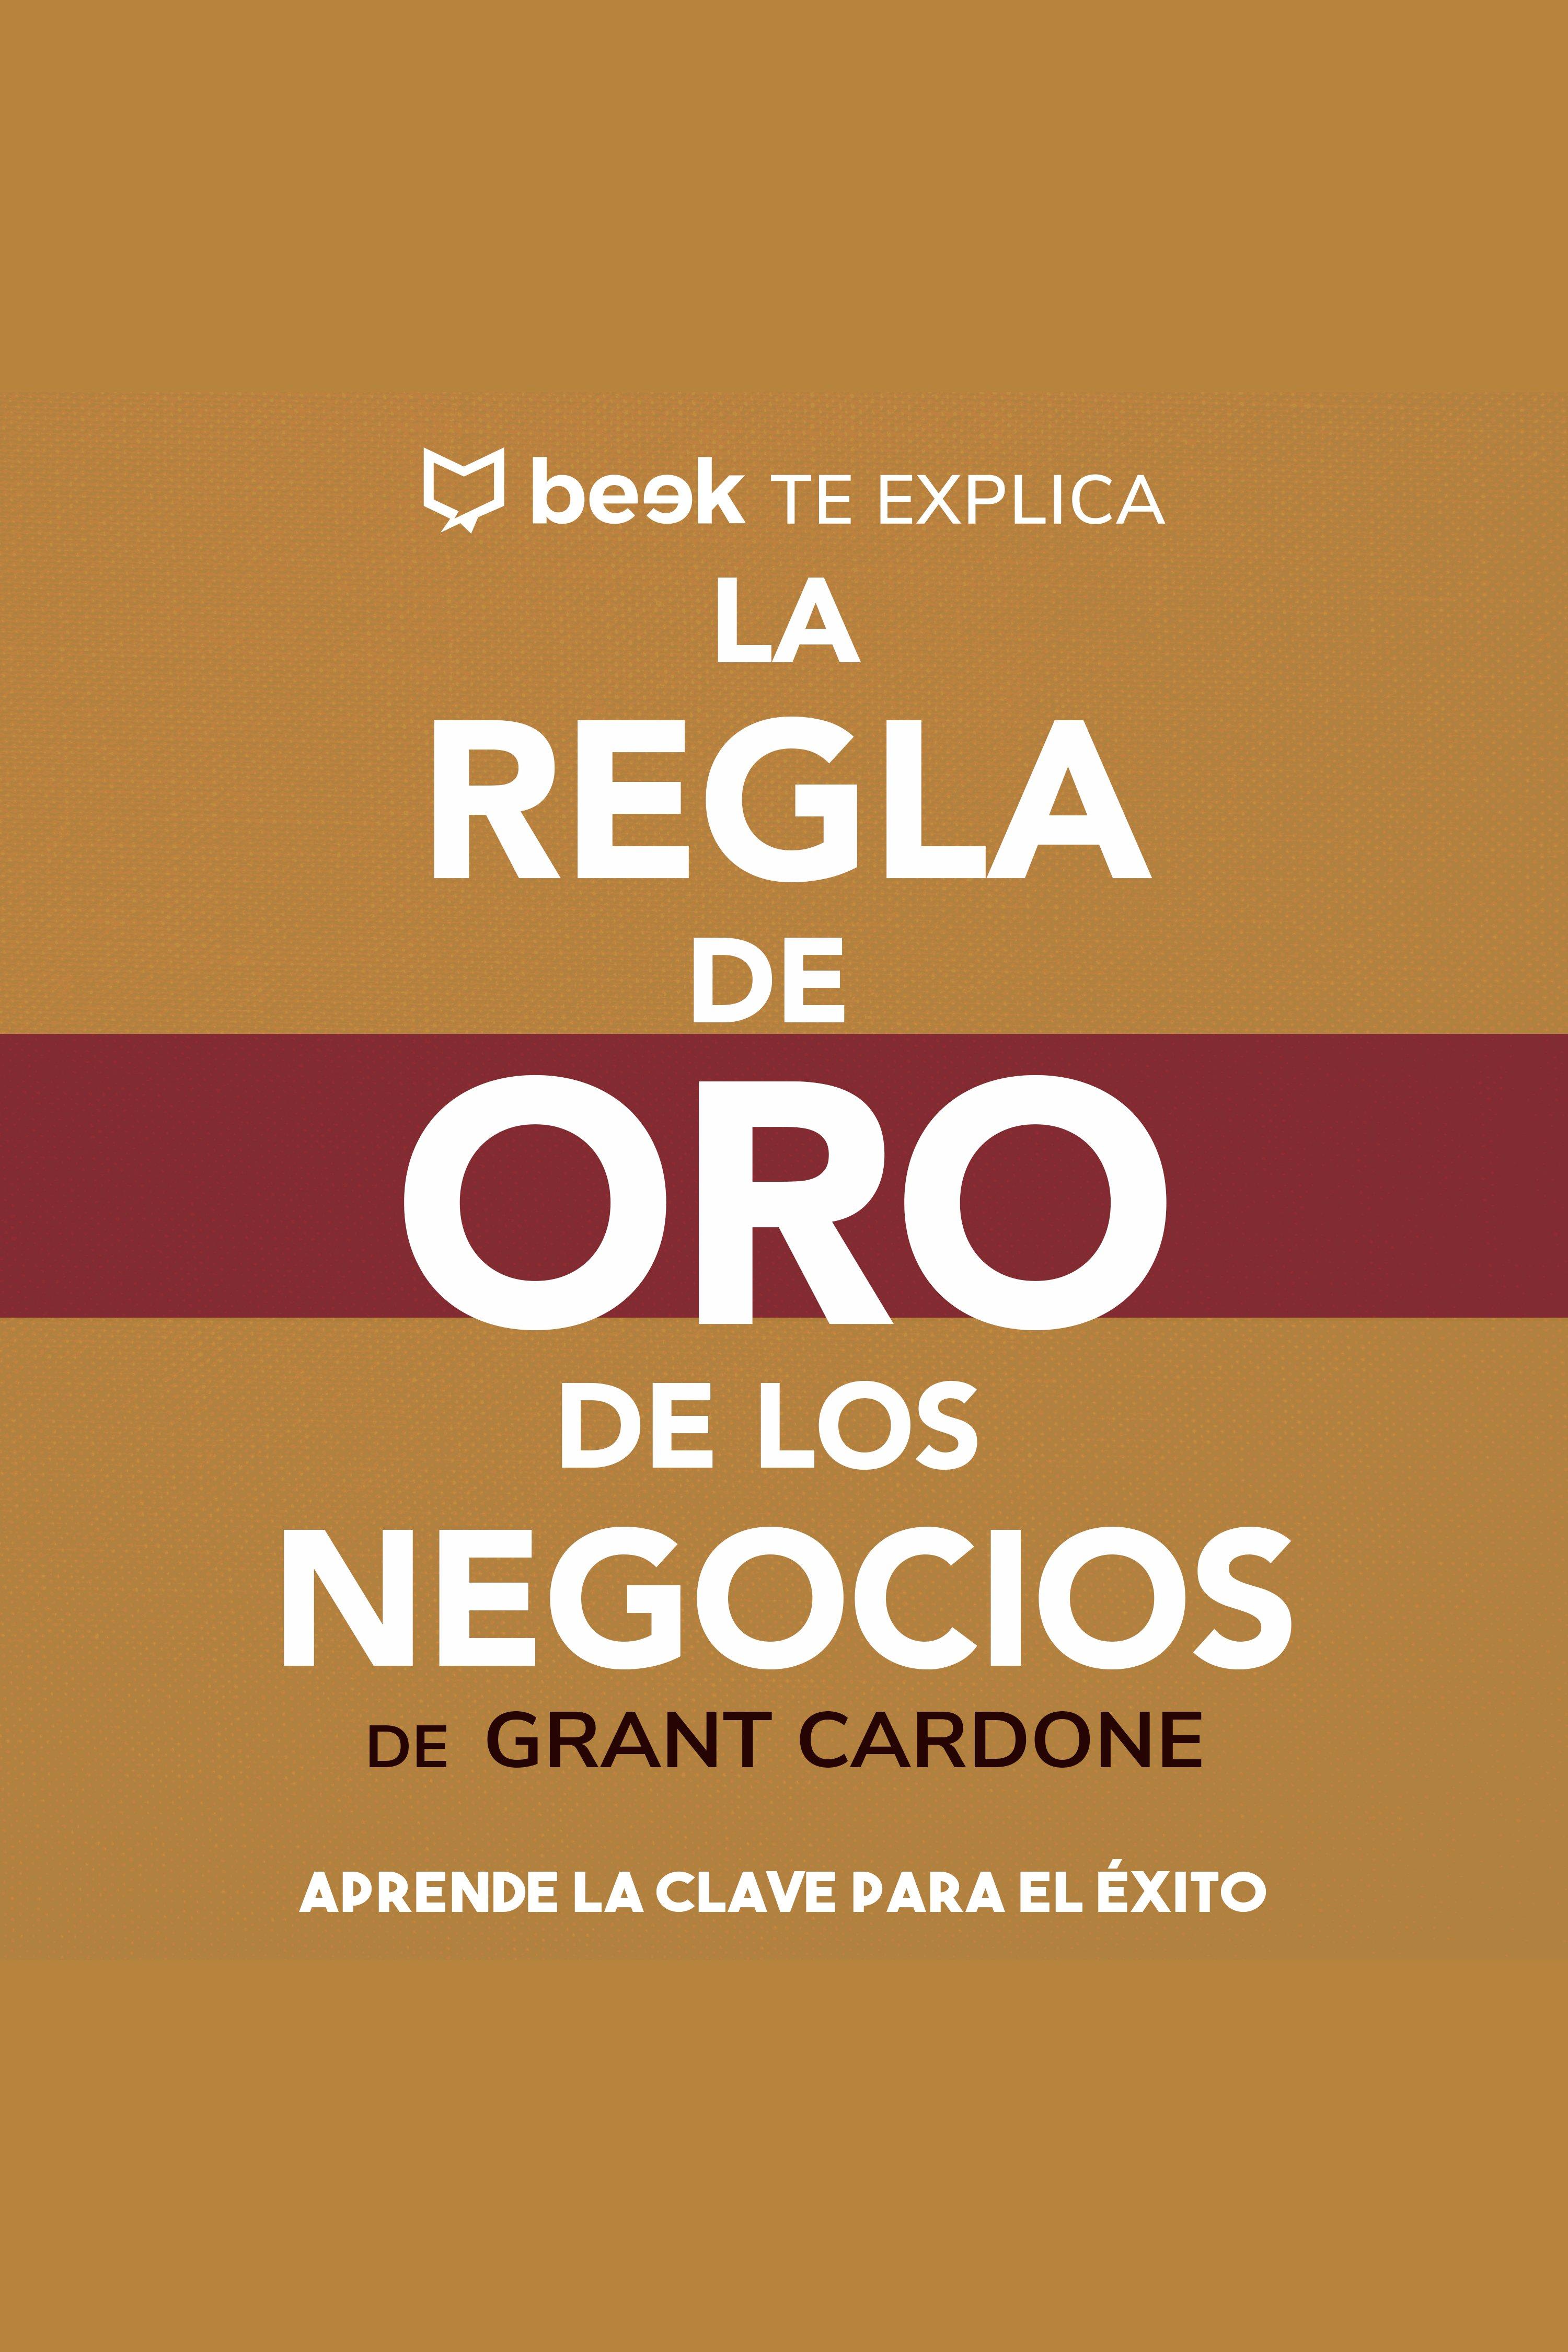 Esta es la portada del audiolibro La regla de oro de los negocios… Beek te explica